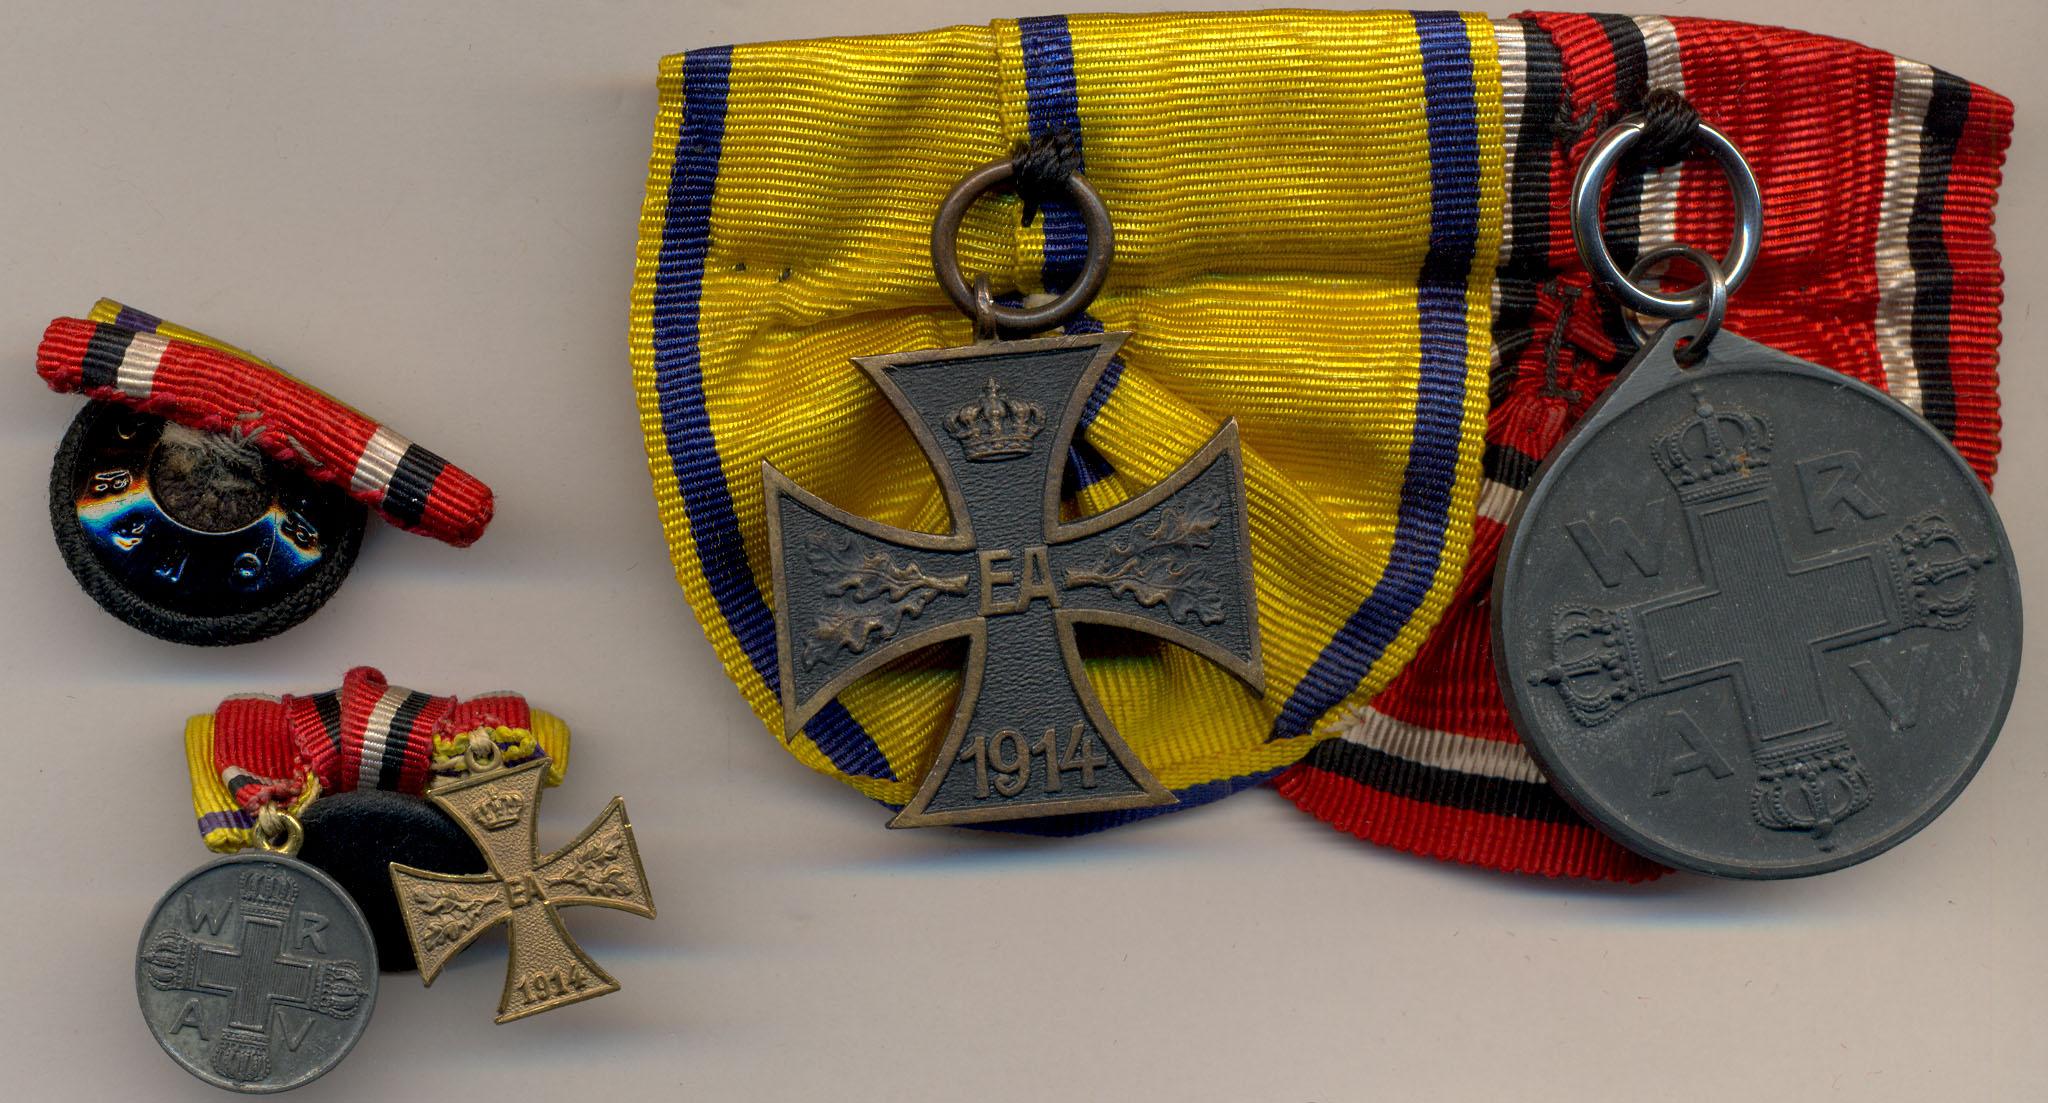 незнакомым кресты и медали итальянской республики фото визитных карт